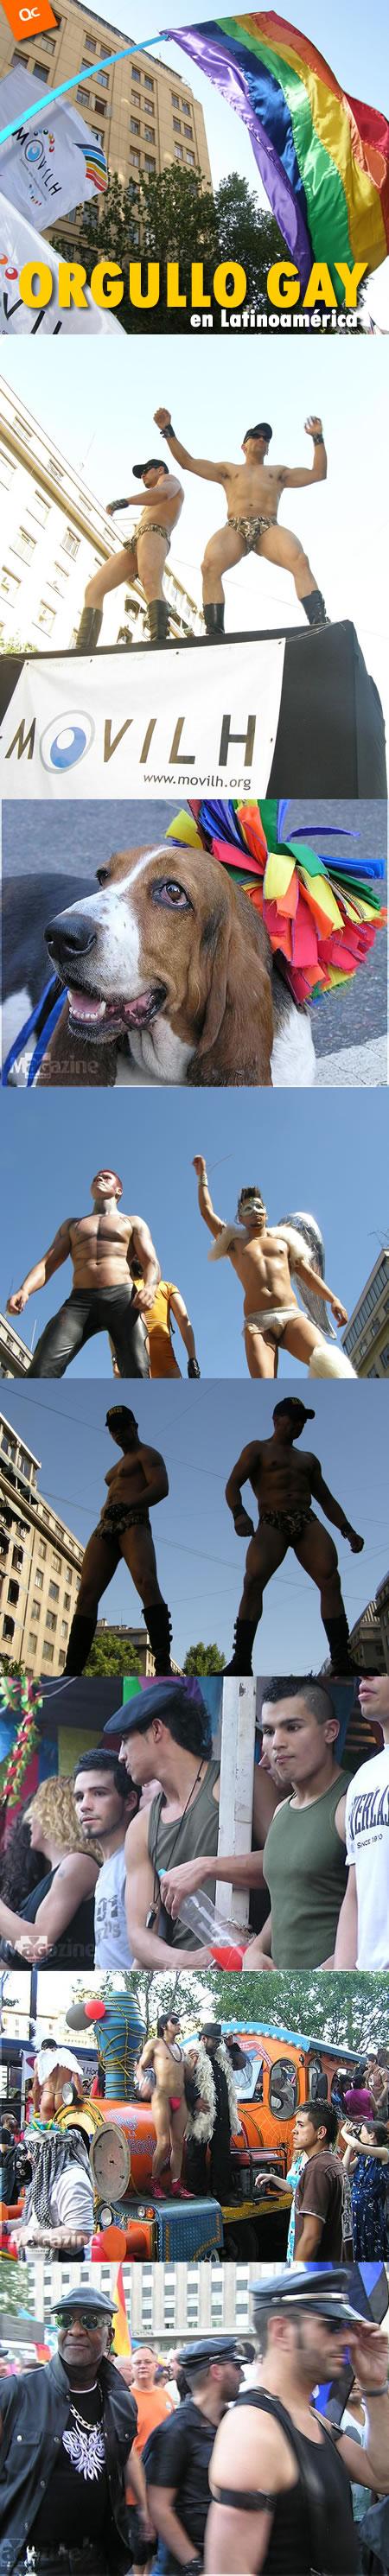 El Orgullo Gay en Latinoamérica